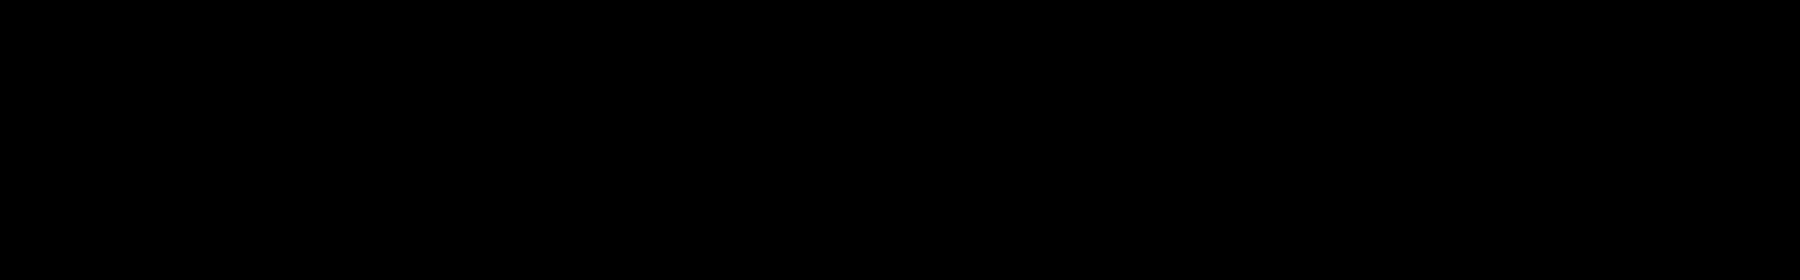 Dark Techno audio waveform